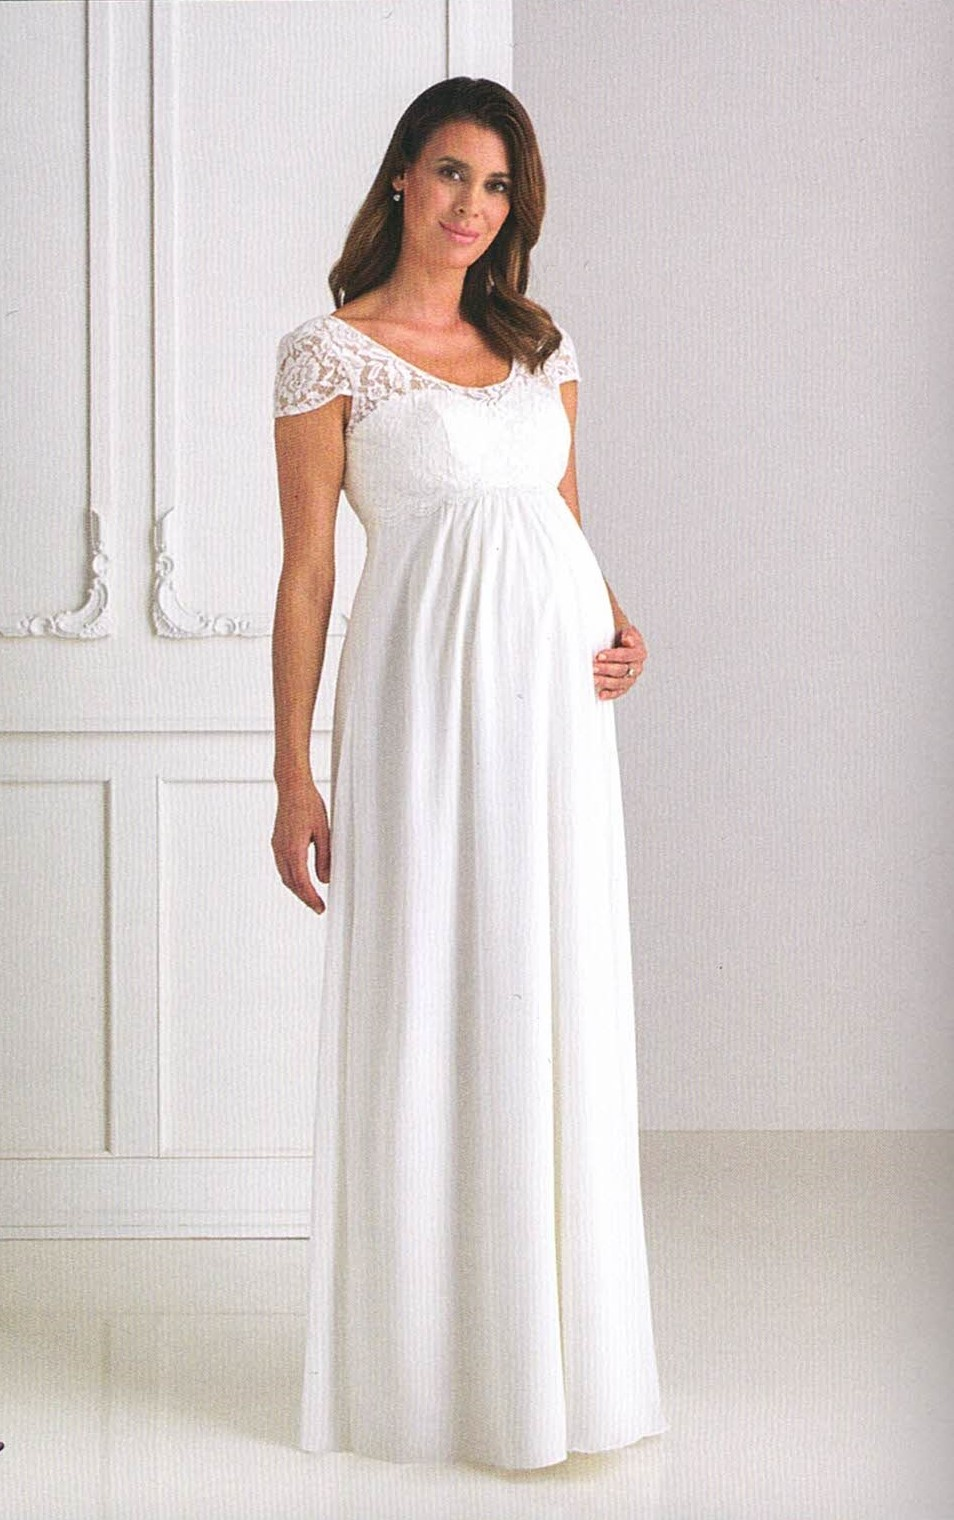 Umstands-Brautkleider. Hochzeitskleider & Brautmode für Schwangere langes Kleid mit Spitze und kleiner Ärmel runder Ausschnitt